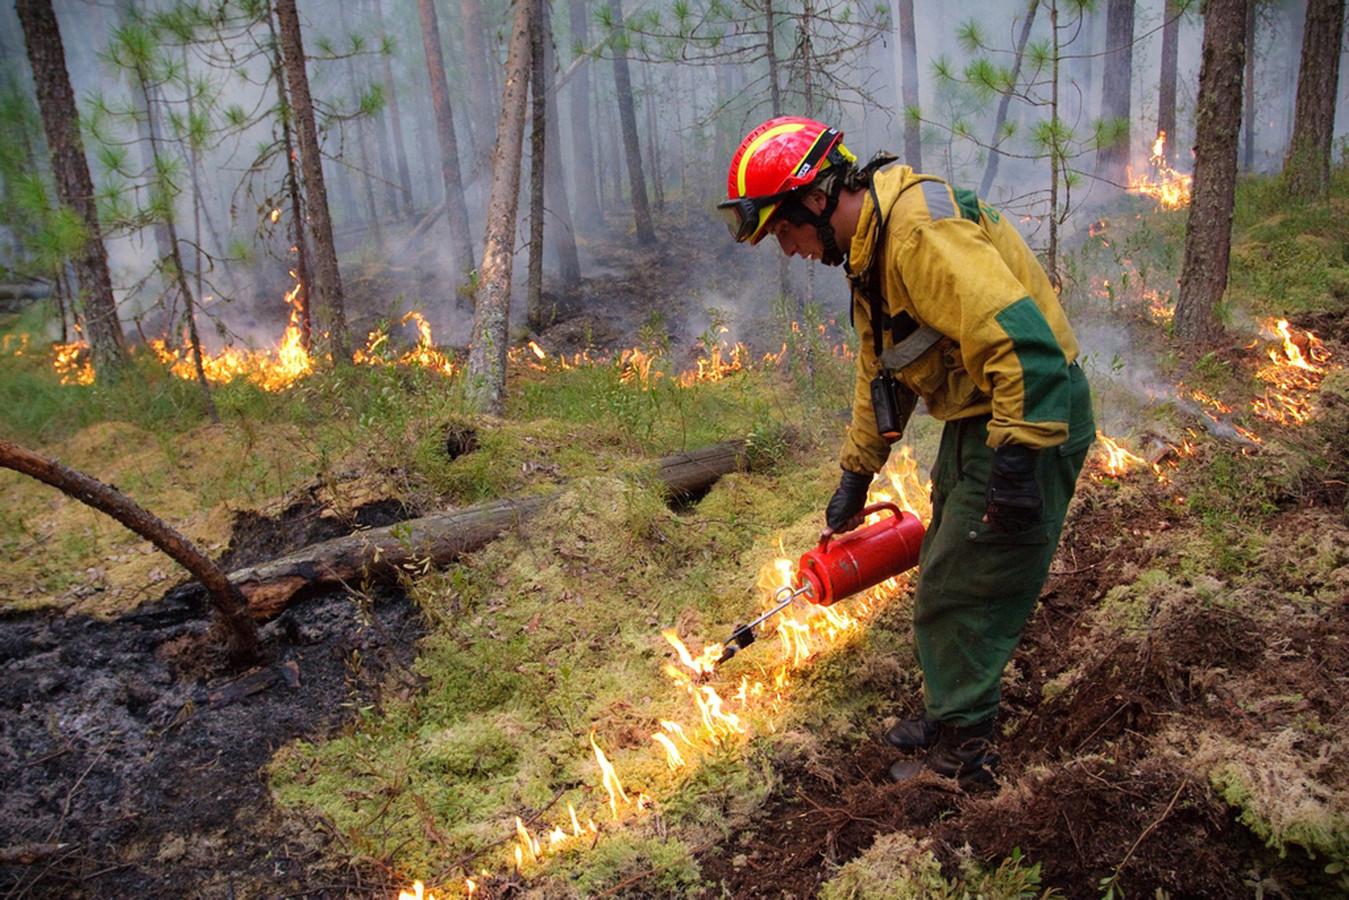 Archiefbeeld. In augustus vorig jaar kampte Siberië een tweetal maanden met extreme bosbranden die moeilijk onder controle te krijgen waren.